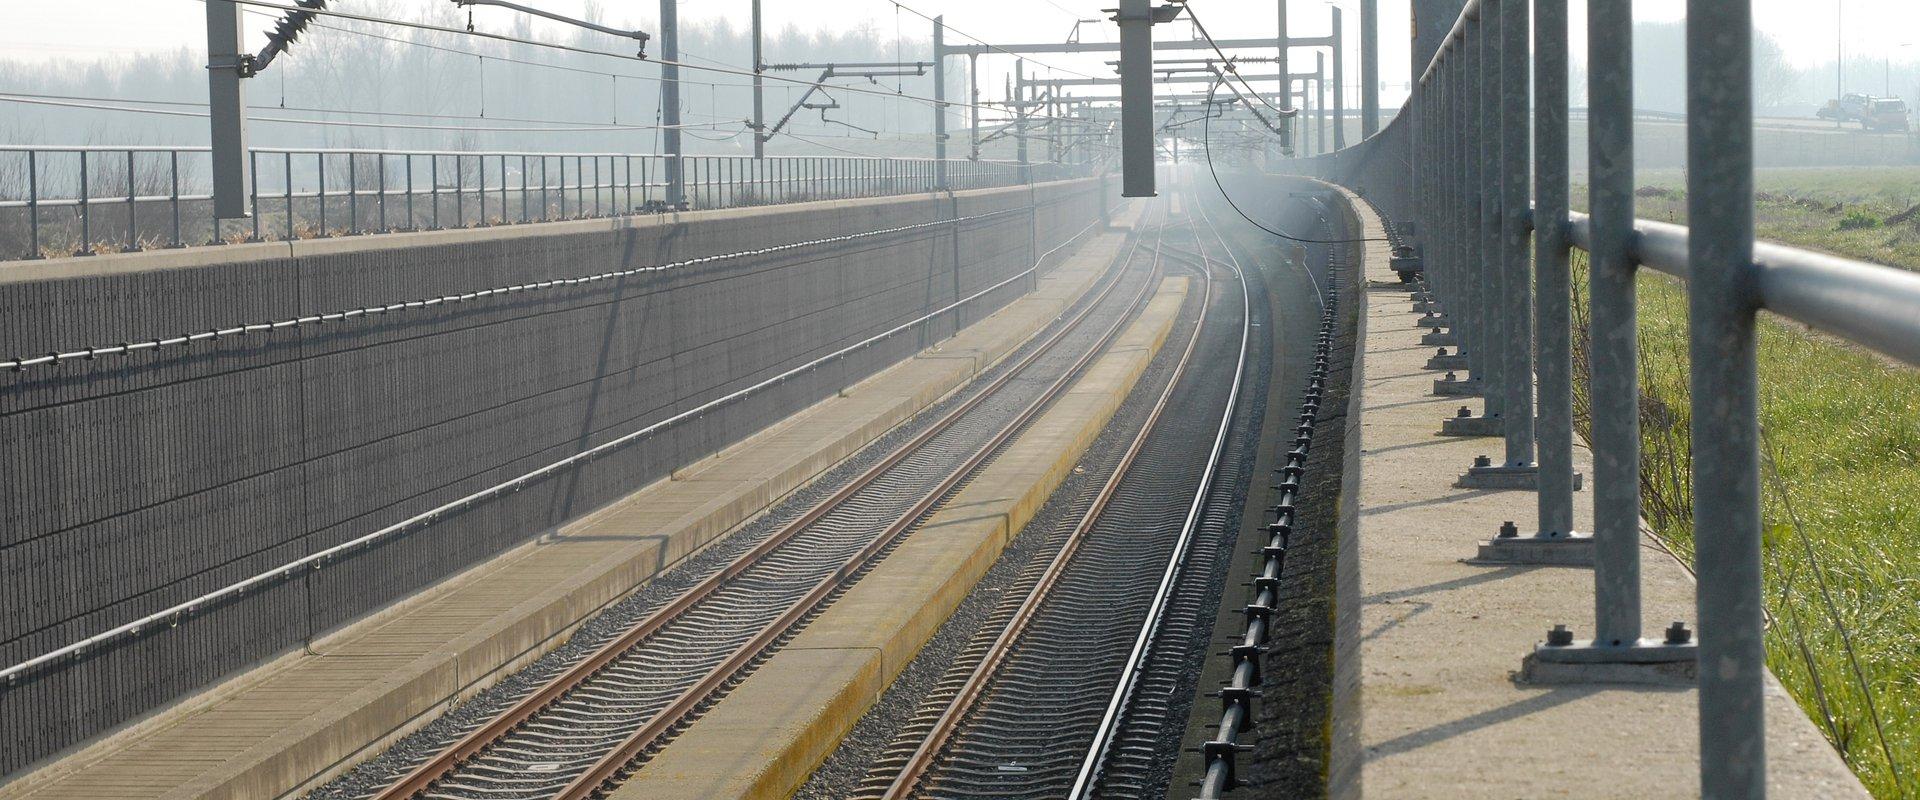 Alstom pierwszą firmą na świecie z pełną certyfikacją najnowszego standardu cyfrowego sterowania pociągiem